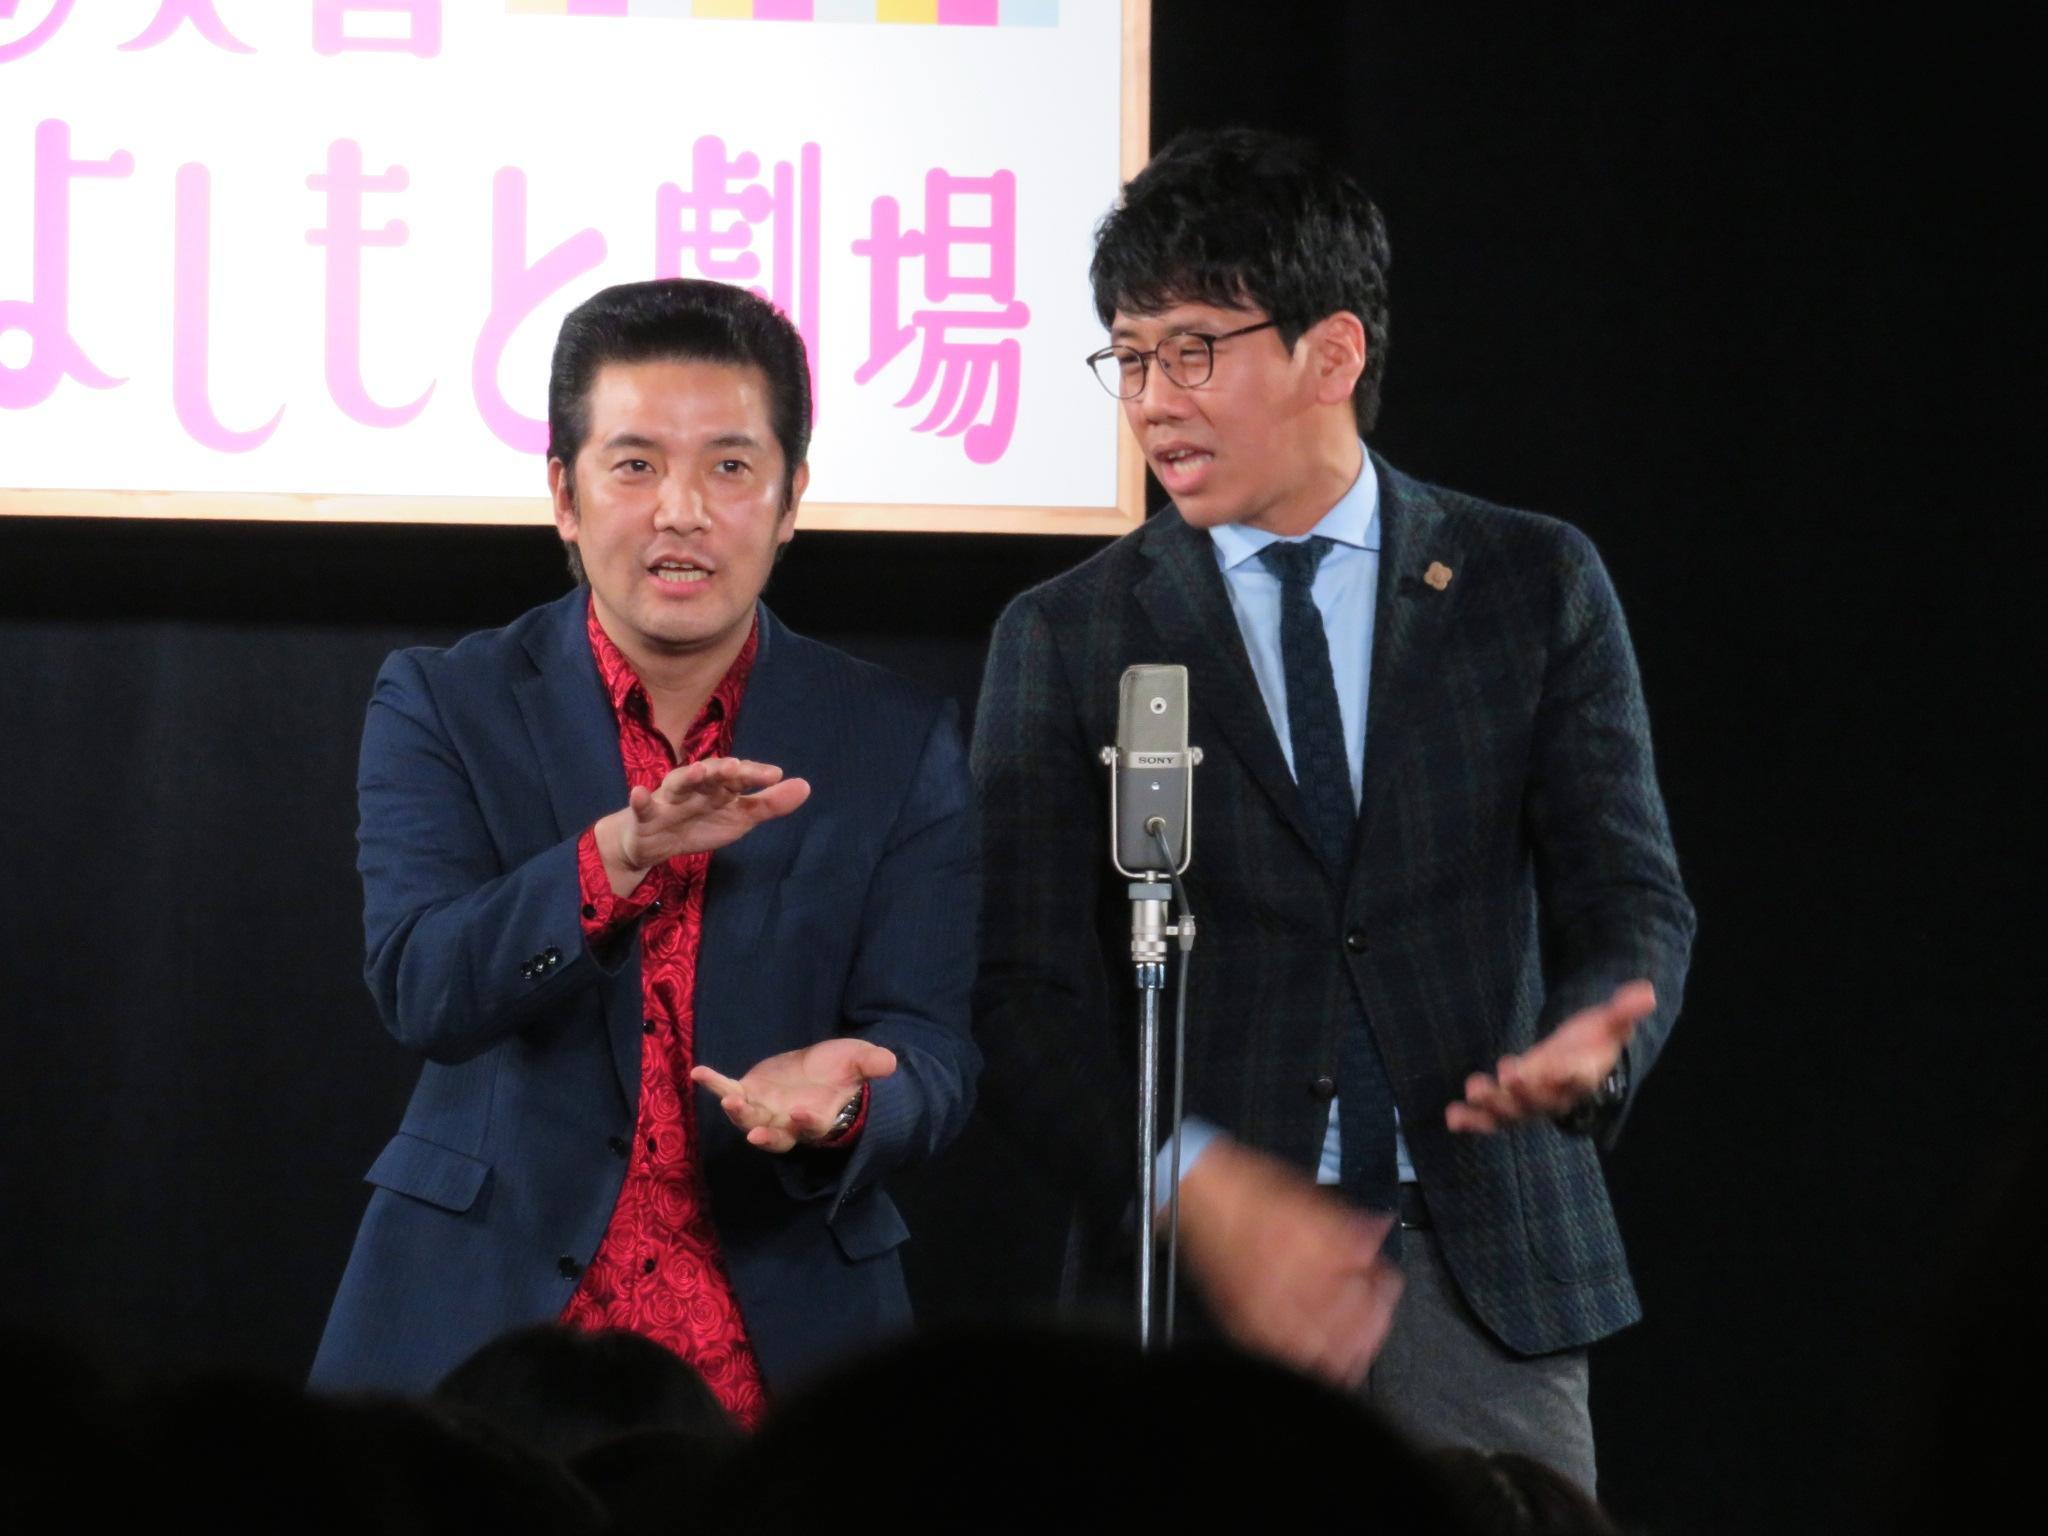 http://news.yoshimoto.co.jp/20171230223202-10e8491b19a879f8bde1f45adaffd91398bf0934.jpg